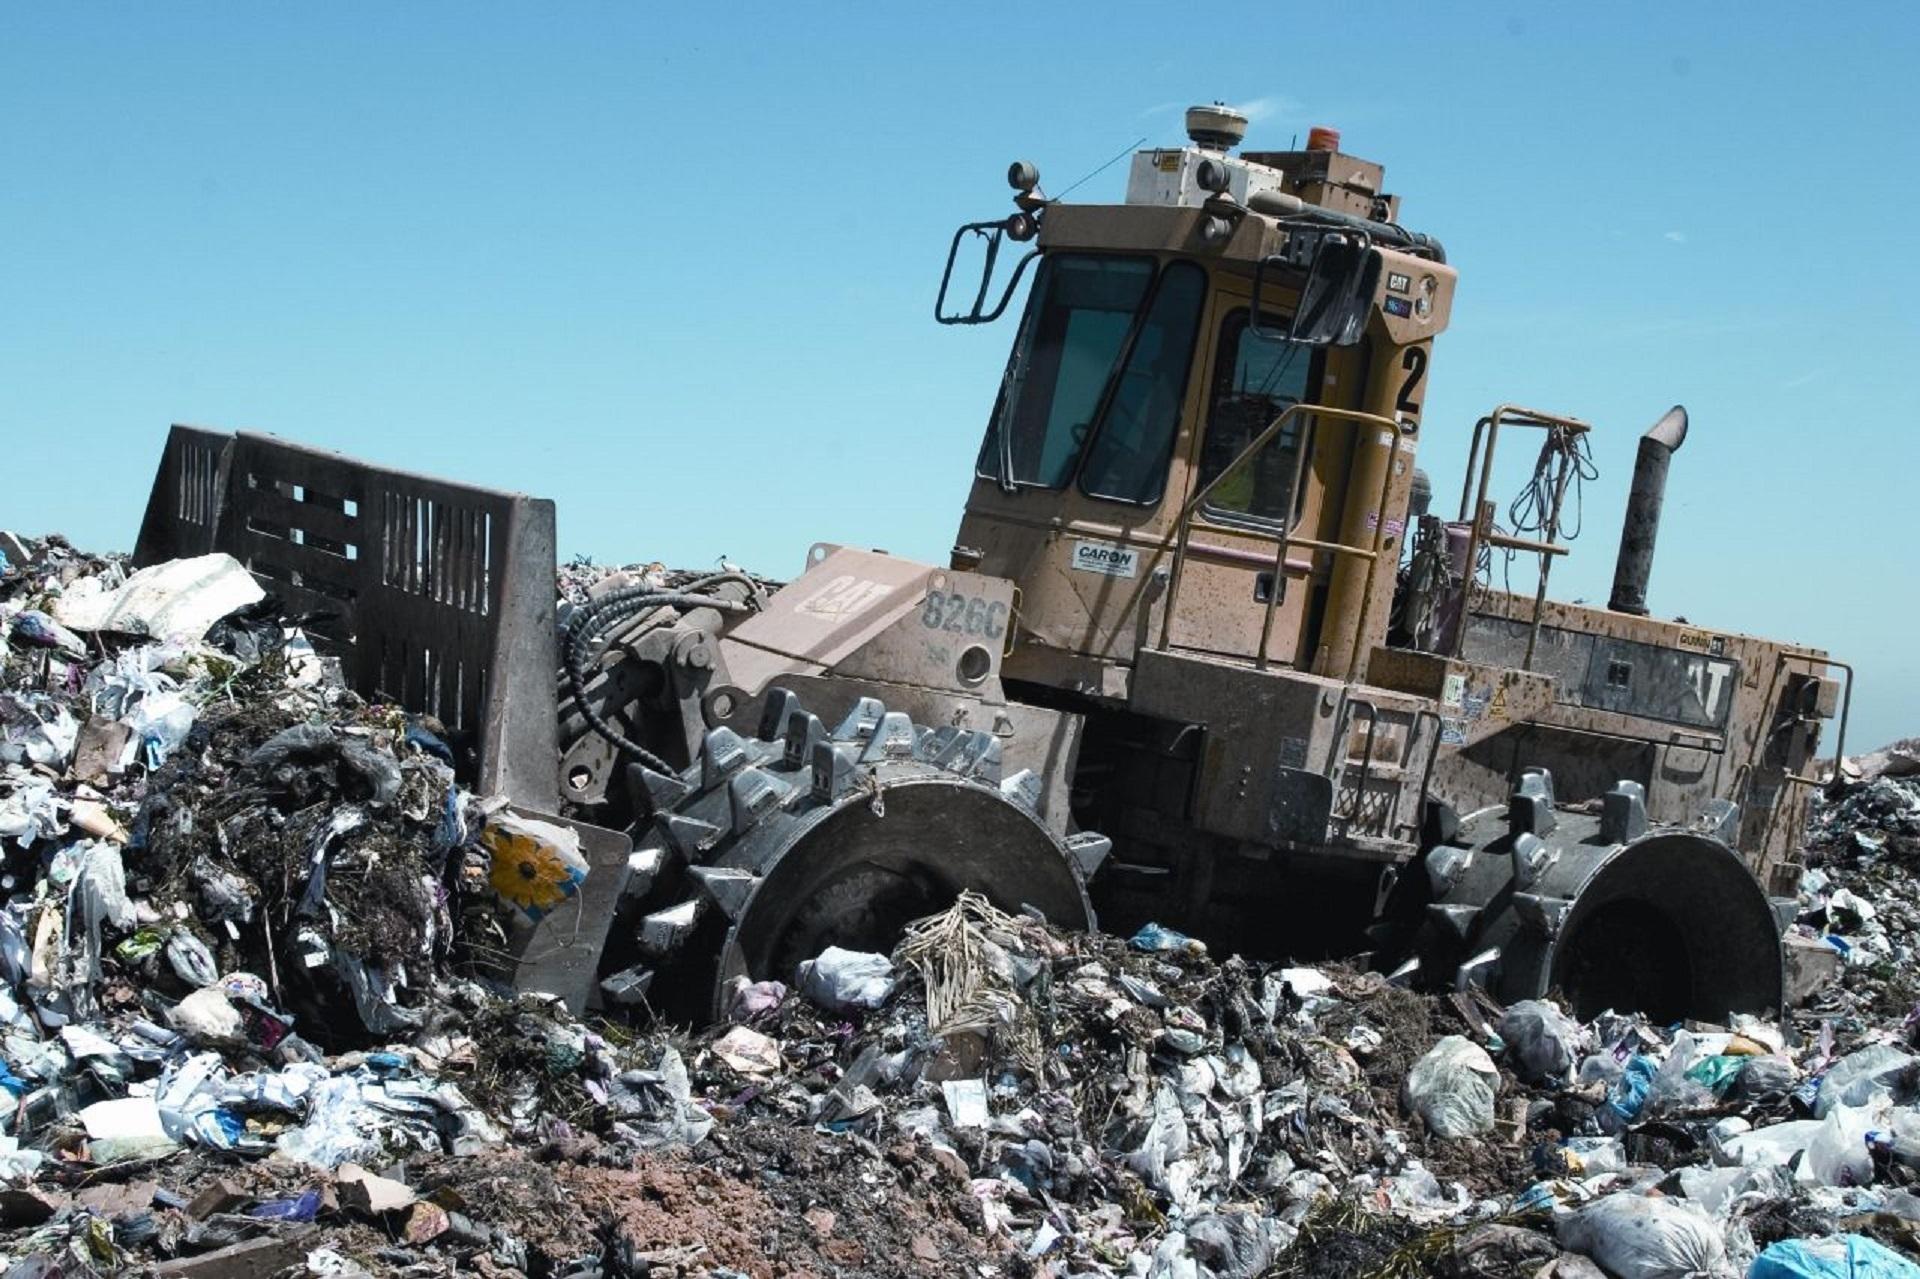 Wysypisko śmieci z Bitcoinami